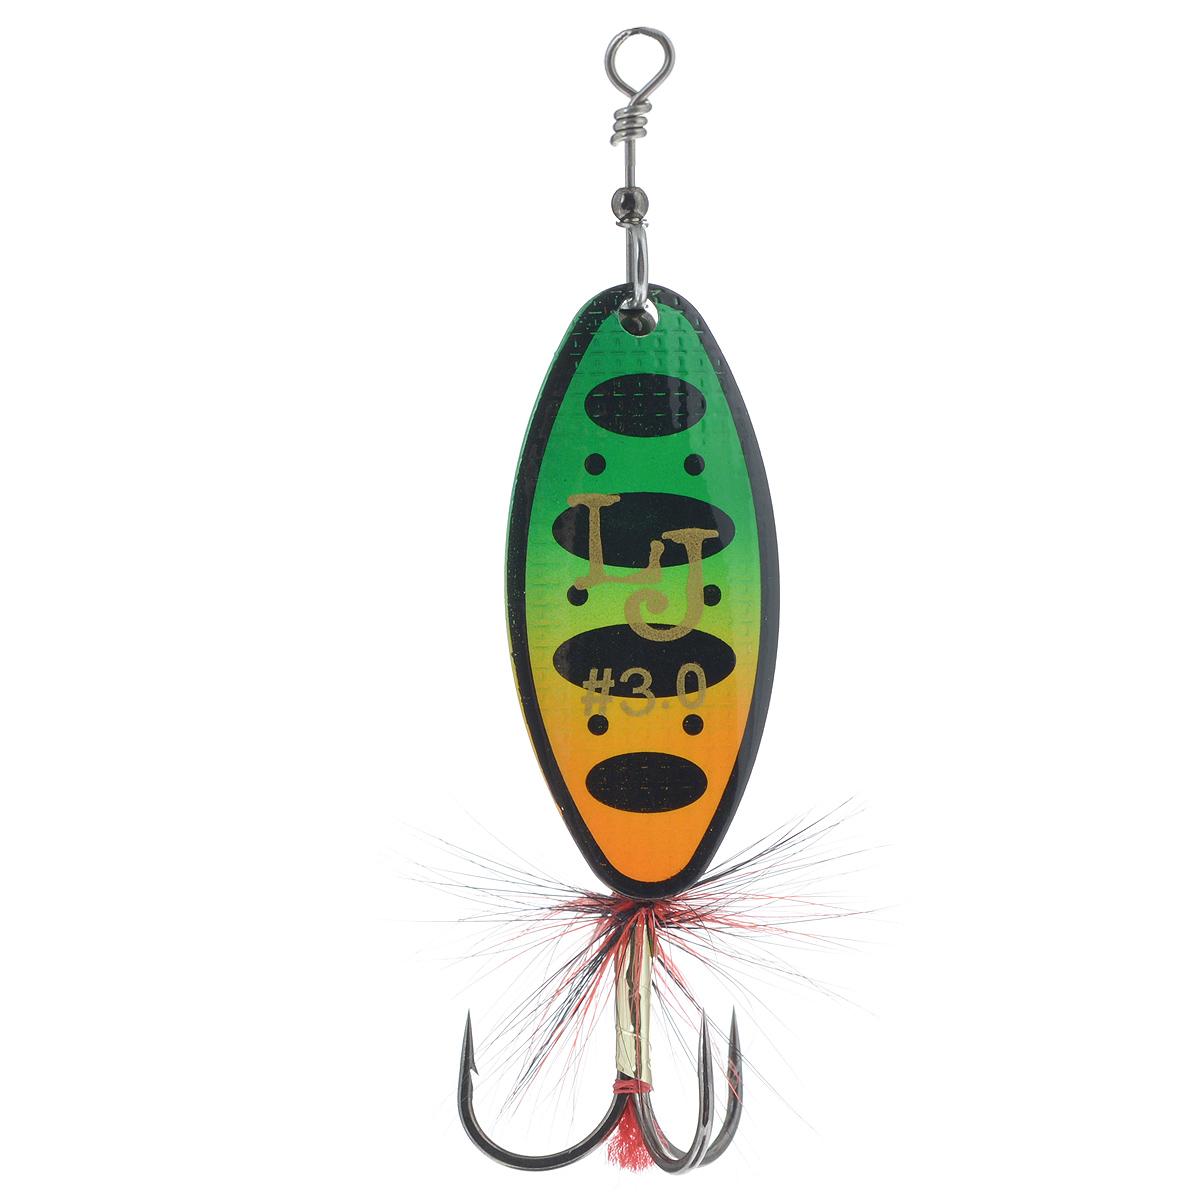 Блесна вращающаяся Lucky John Shelt Blade Tungsten Body, цвет: зеленый, желтый, 14 гLJSBT03-008Lucky John Shelt Blade Tungsten Body – вращающаяся блесна с формой лепестка long. В этой приманке используются современные конструктивные решения, которые обеспечивают надежную и стабильную игру блесен, что делает их очень привлекательными для любой хищной рыбы. Главный элемент блесны – вращающийся лепесток. Он сделан из латуни и обладает хорошими динамическими показателями при вращении в воде, что позволяет делать проводку приманки на минимальной скорости. Лепесток заводится сразу, как только блесна начинает движение. Лепесток окрашен с двух сторон. С какой бы стороны хищная рыба не смотрела на приманку, ее расцветка остается одинаковой и привлекательной, что повышает интерес к блесне и, в итоге, приводит к результативной атаке. Немаловажная деталь – сердечник приманки, который сделан из вольфрама, что придает блесне дополнительную дальность при забросе блесны. На тройнике связана яркая мушка, основное предназначение которой – снять последние сомнения у...